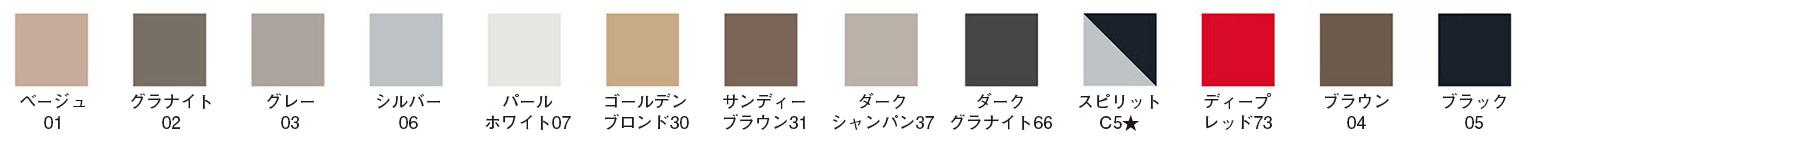 Pure-primax_colors_1800x153px_JP